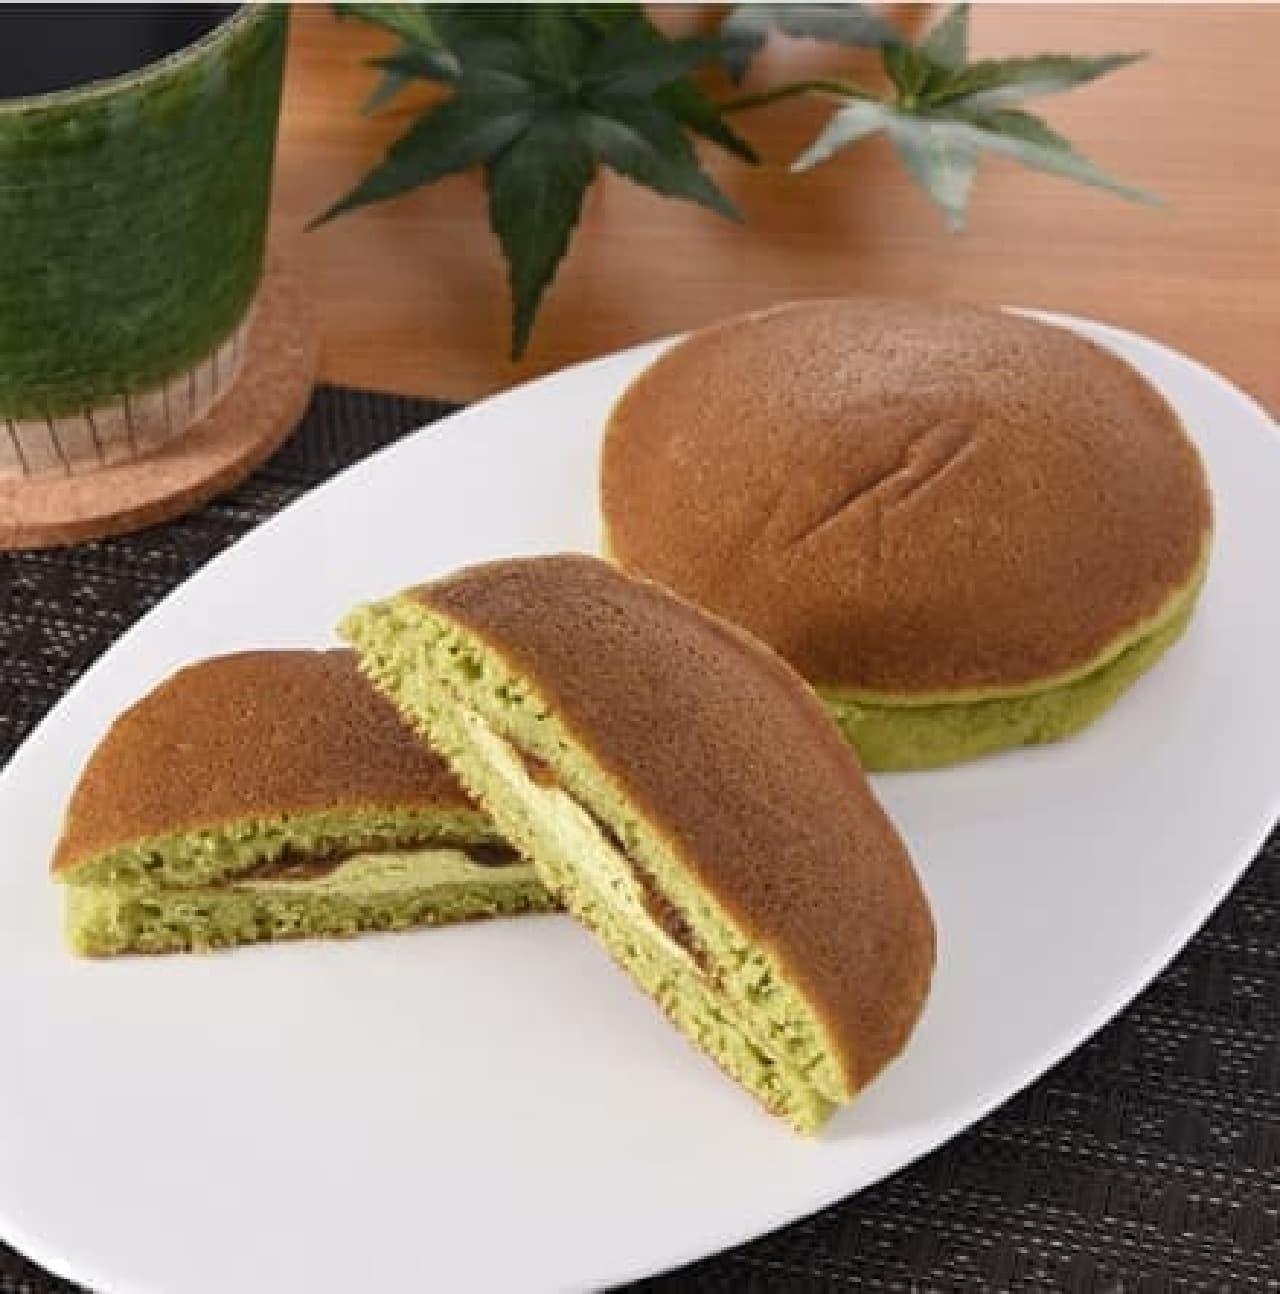 ファミリーマート「抹茶のパンケーキ(黒みつ)」